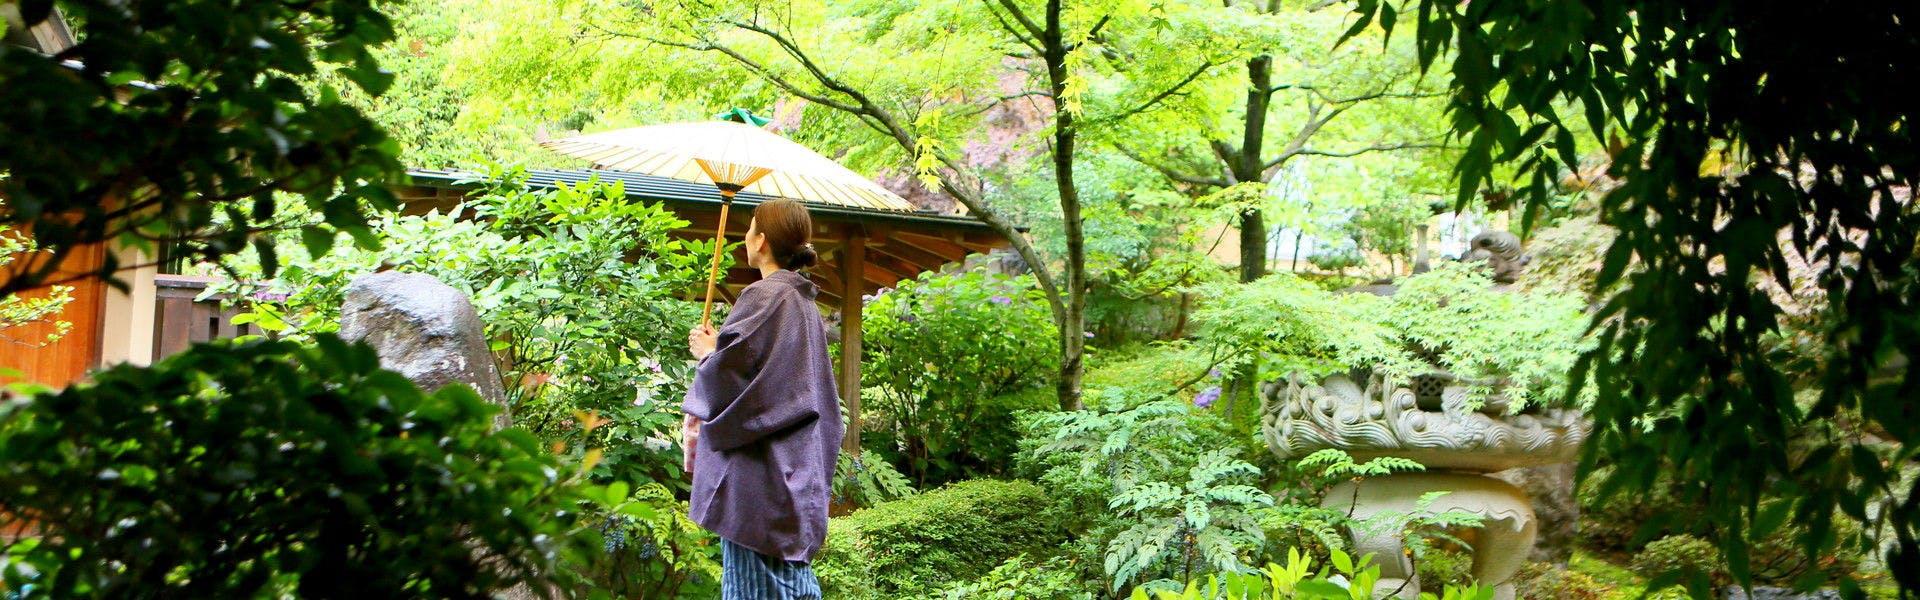 記念日におすすめのホテル・笛吹川温泉 坐忘の写真3